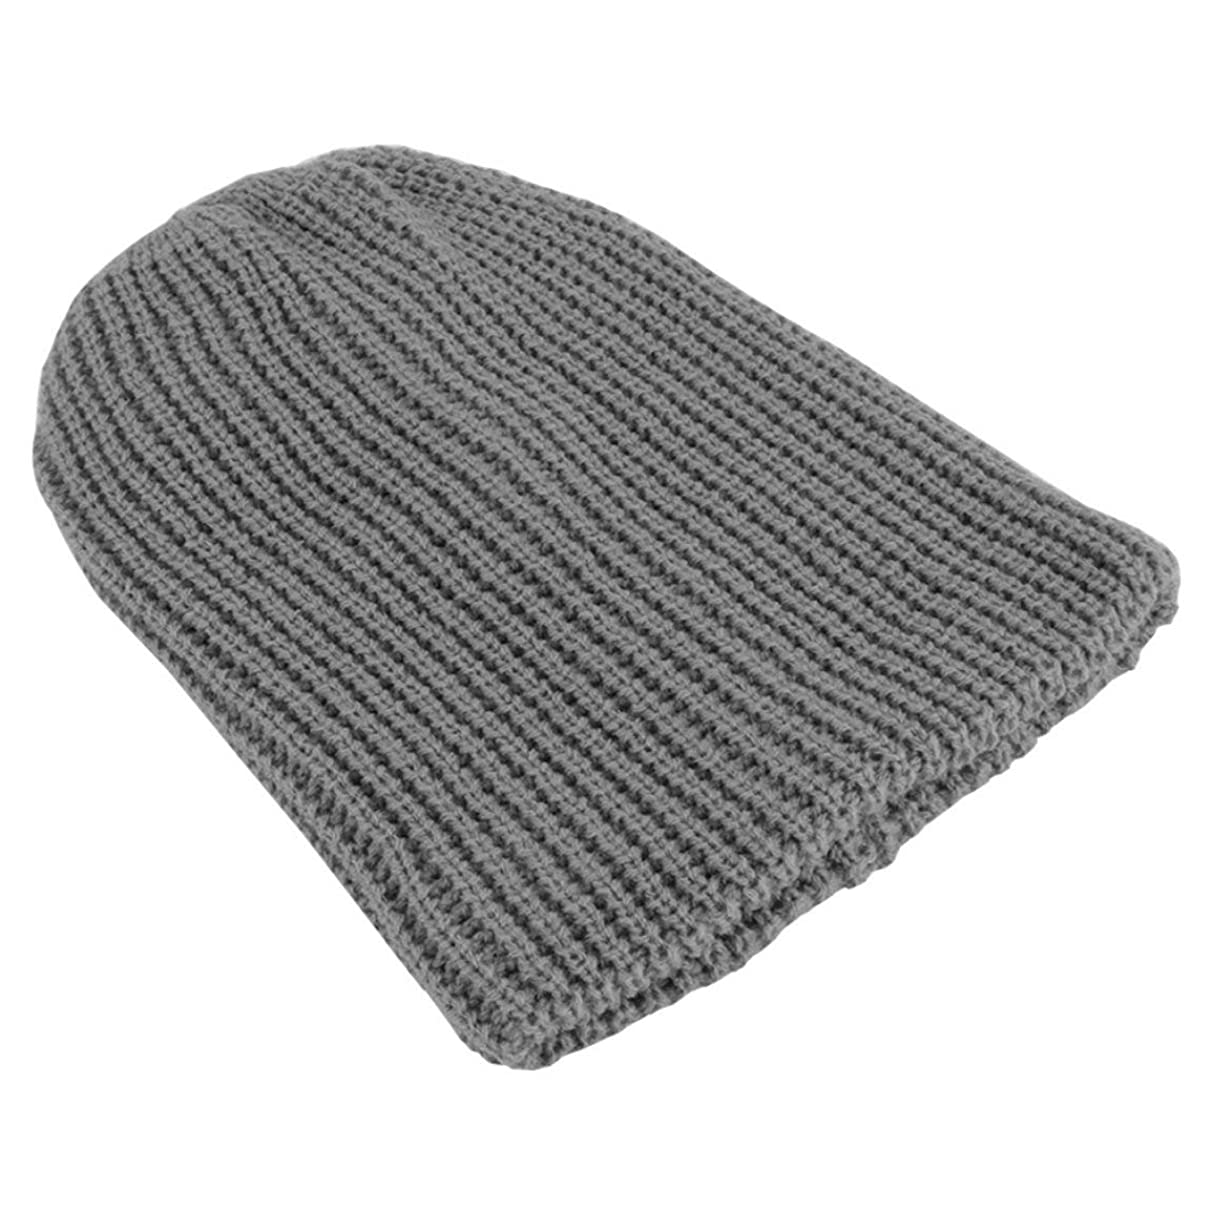 利益奨学金悲観主義者ファッションメンズスラウチオーバーサイズキャップウィンターニットスキーコンフォートデイリービーニースカルウォーム伸縮性帽子ウィンターハットLZ003-グレー